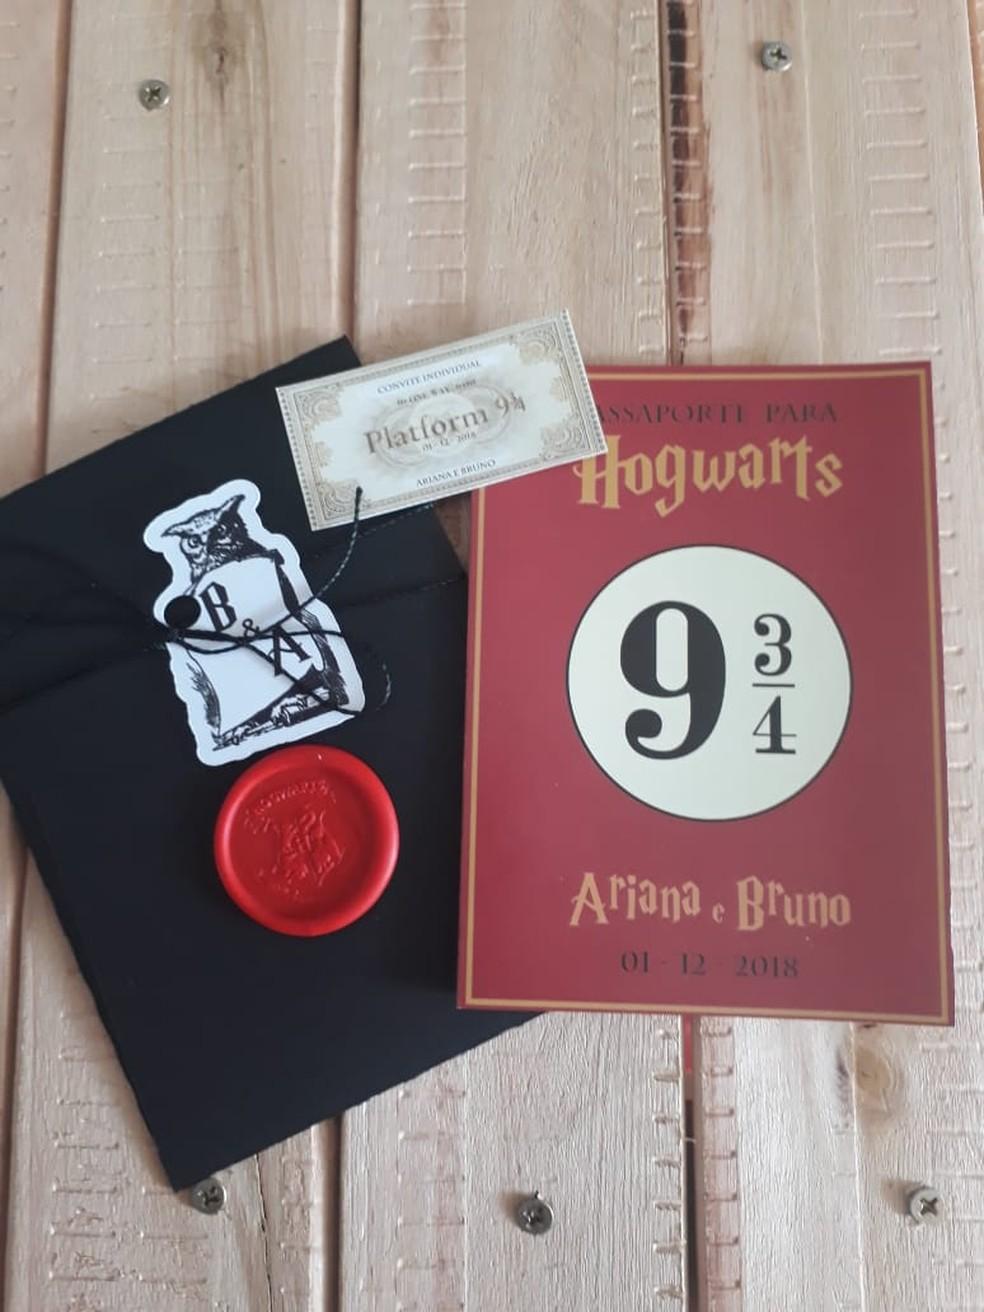 Os convidados receberam o convite com um passaporte para a Plataforma 9 3/4. — Foto: Arquivo pessoal